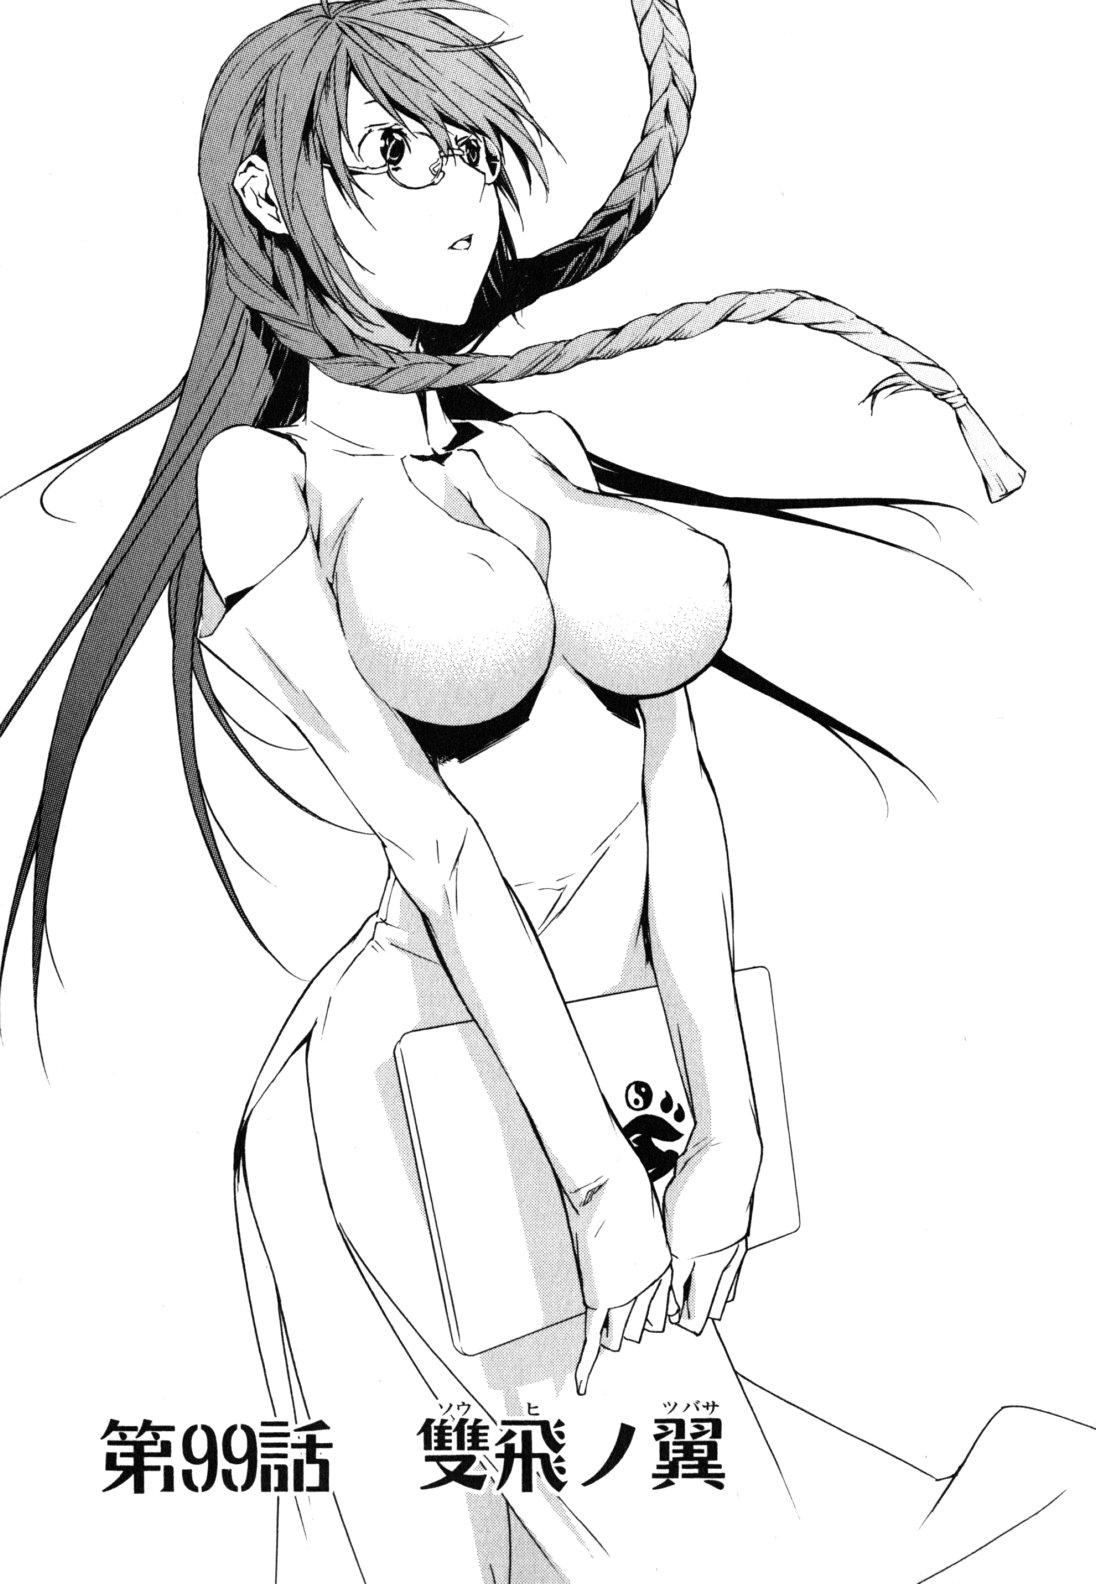 Sekirei manga chapter 099.jpg